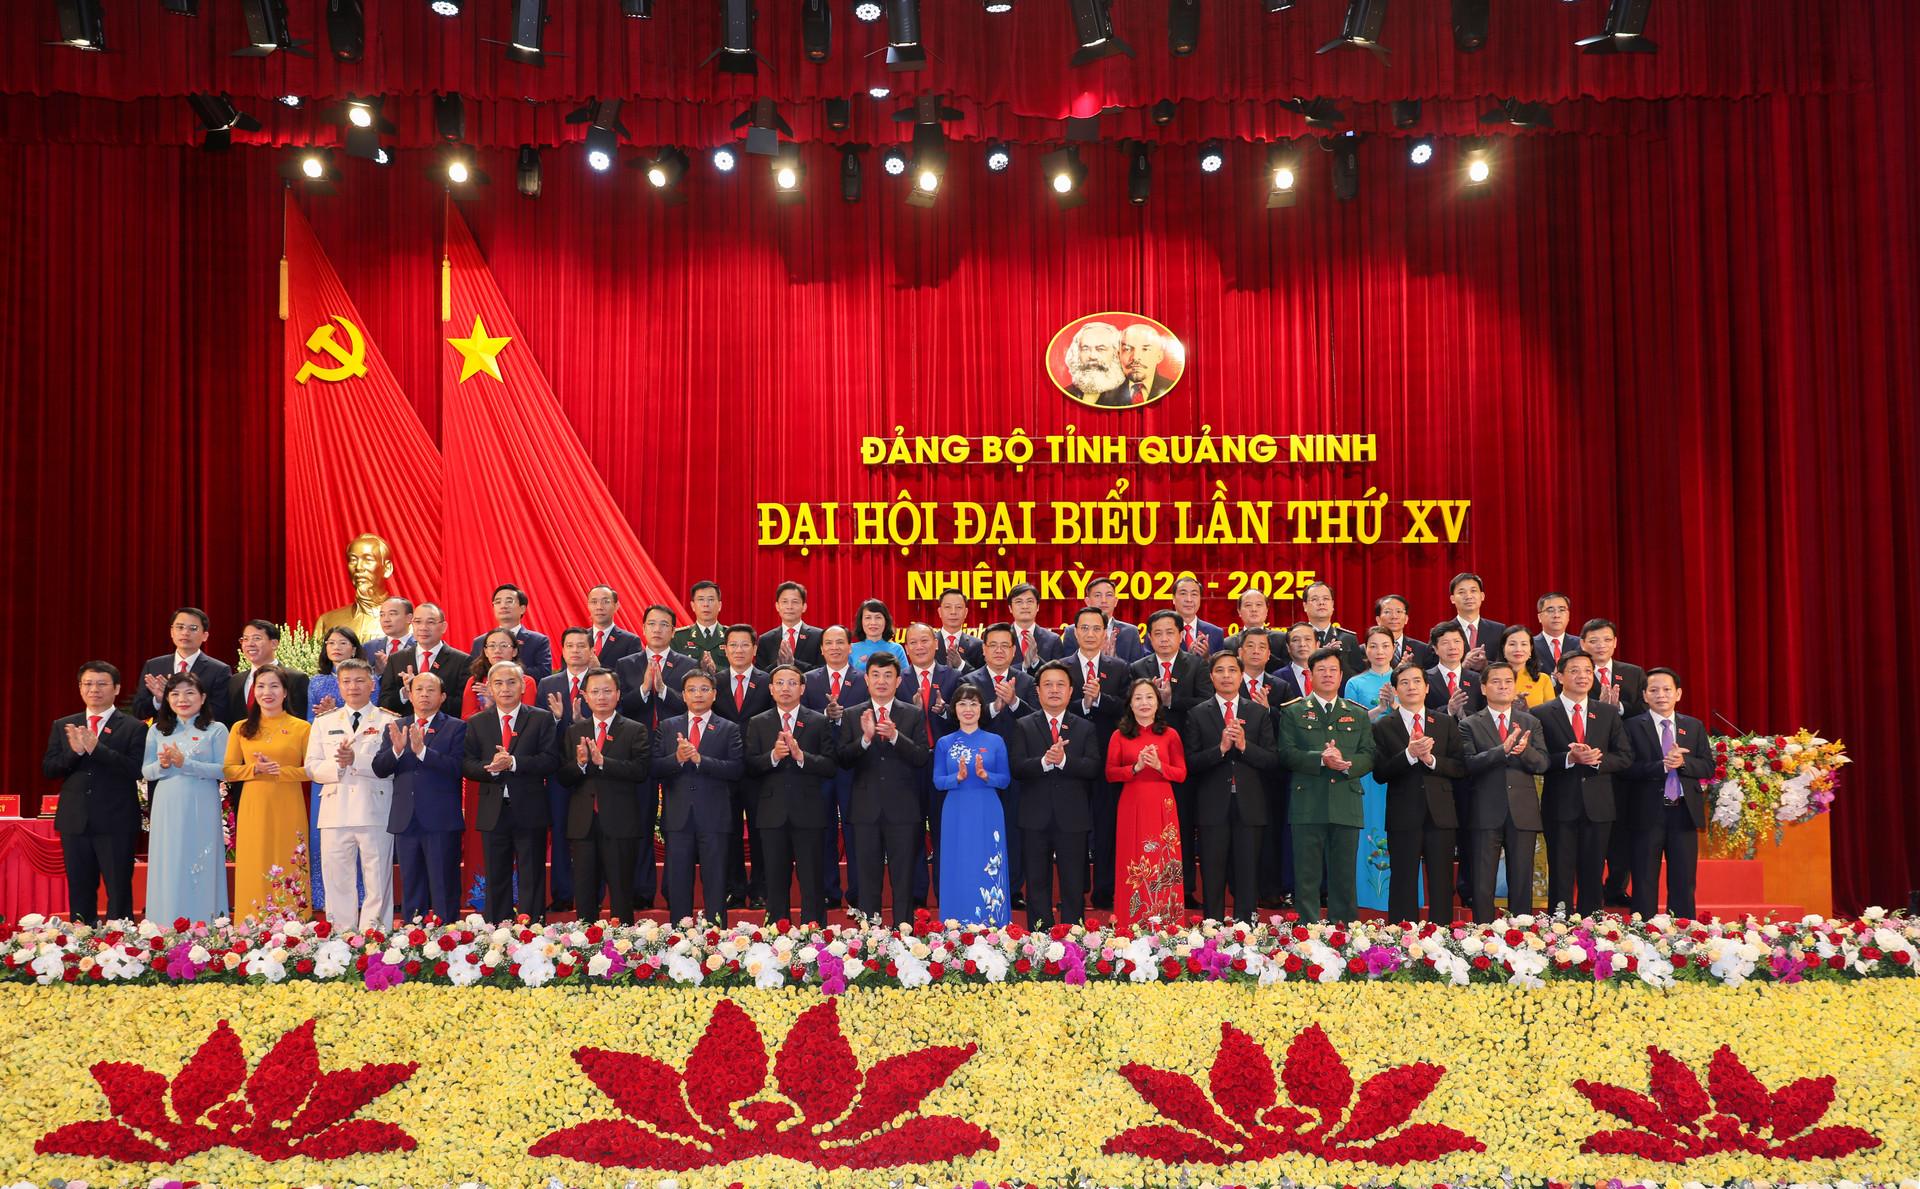 Bế mạc ĐHĐB Đảng bộ tỉnh Quảng Ninh lần thứ XV: Nâng cao đời sống nhân dân, vững chắc quốc phòng